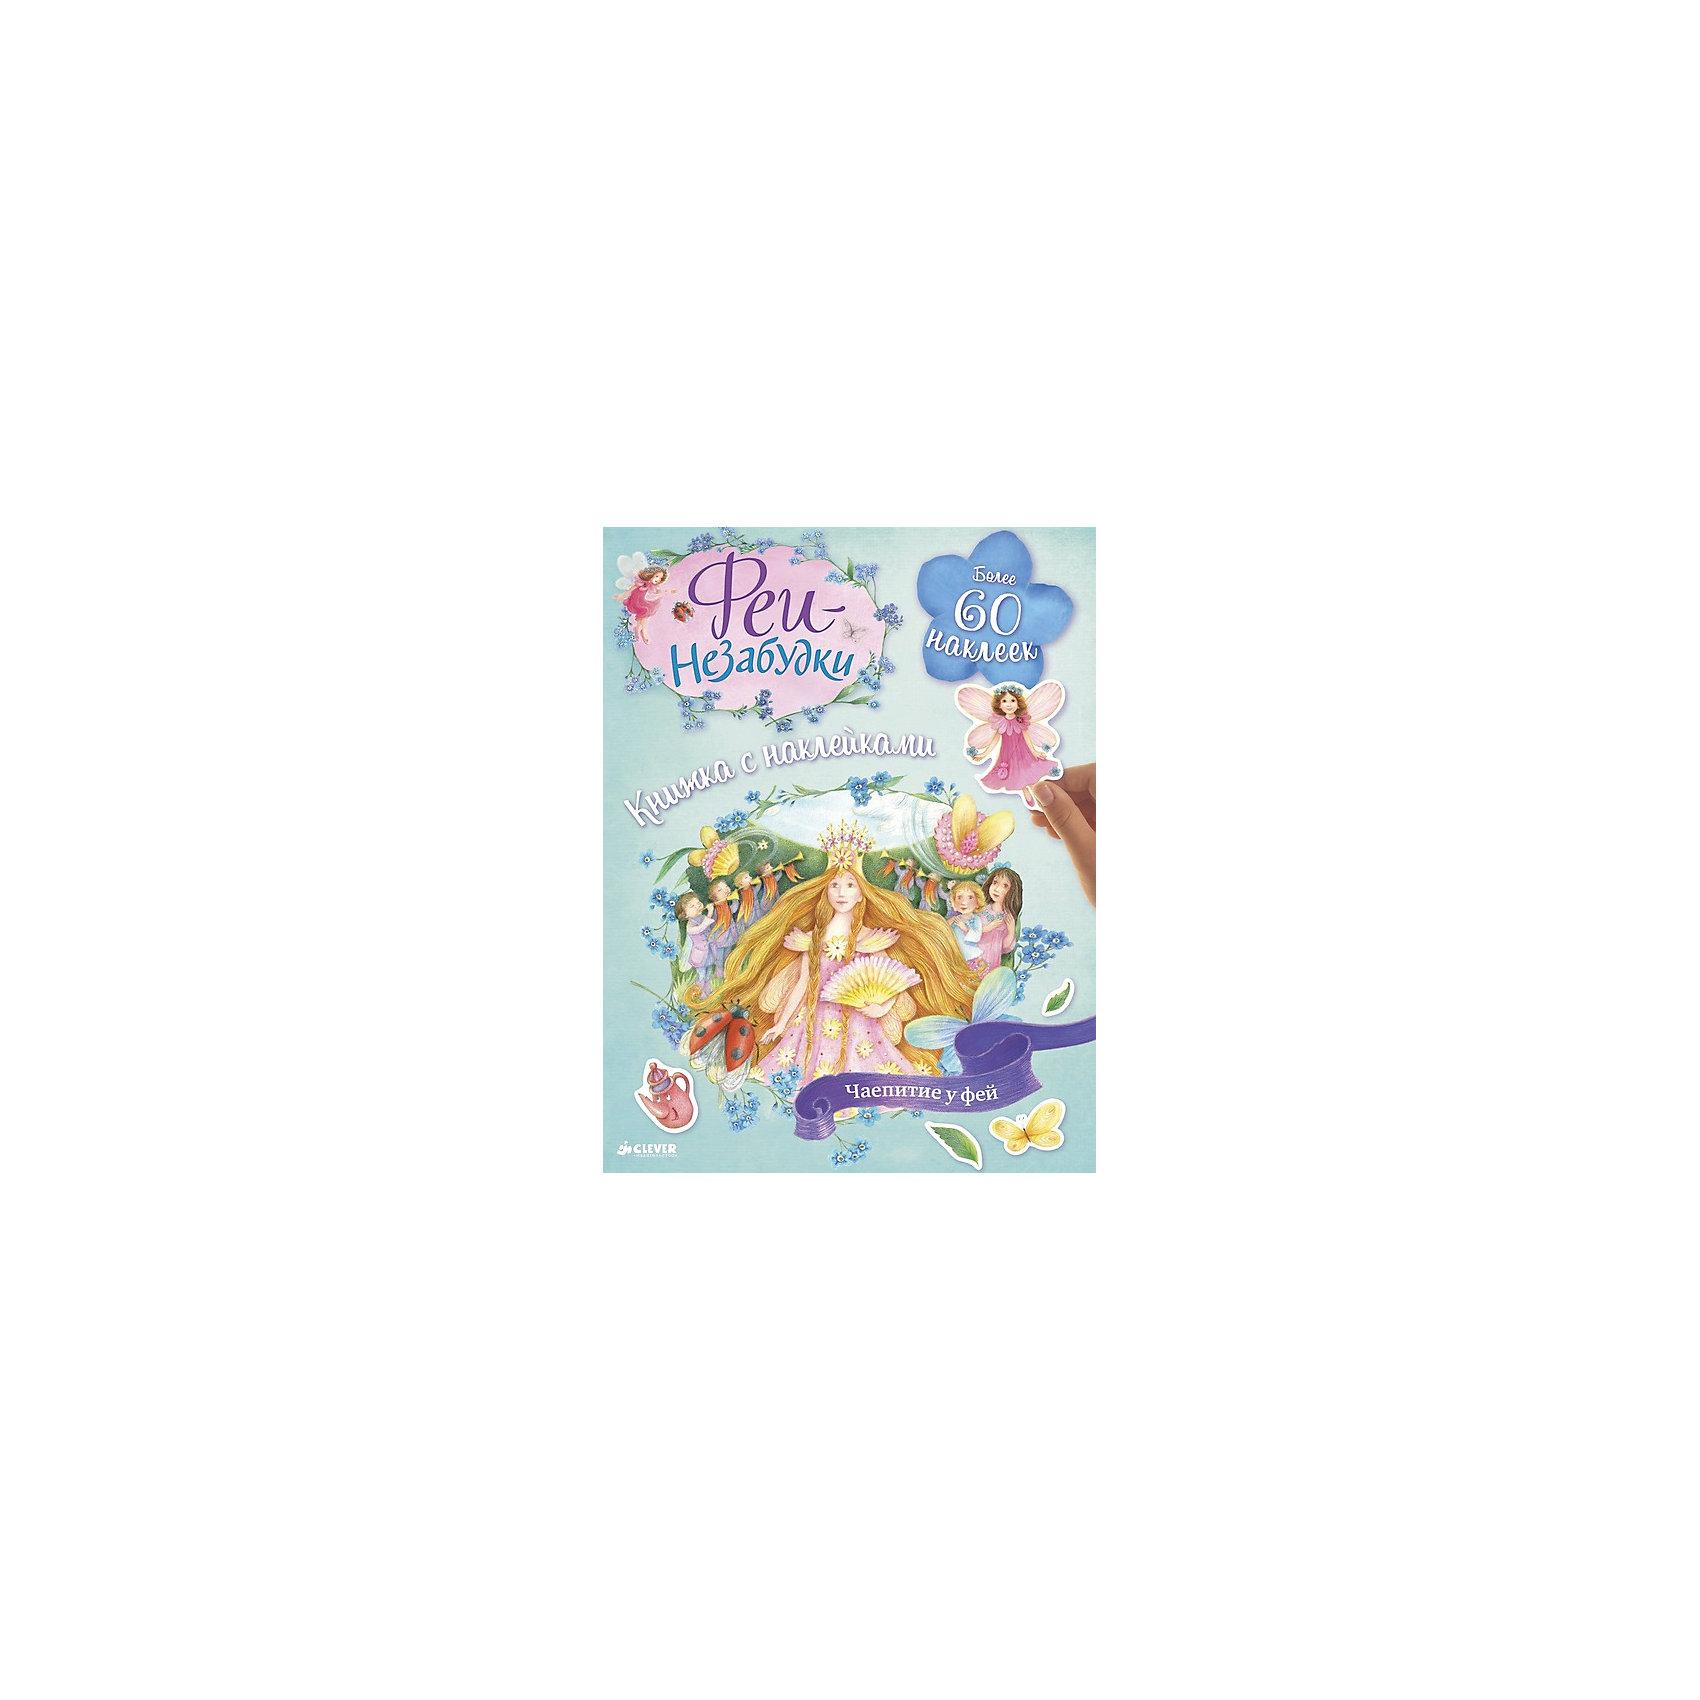 Книжка с наклейками Чаепитие у фейКнижки с наклейками<br>Книжки с наклейками - достойная альтернатива раскраскам и стандартным книгам. Книжка Веселая школа фей станет потрясающим подарком для маленькой девочки. В сборнике вы найдете увлекательные истории, яркие картинки и сказочные наклейки. Данная книга - это удобный формат, интересные задания и эффективный способ для ребенка провести время с пользой! Интеллект и способности ребенка нужно развивать - и тогда он в дальнейшем сможет освоить больше полезных навыков и знаний. Сделать это занятие интересным и легким поможет данное издание.<br>В нем с помощью занимательных заданий опытные педагоги помогают детям развить навыки мышления, необходимые дошкольникам. Они развивают ещё и внимательность и логику. Очень интересные задания, которые надо выполнить с помощью наклеек, помогут развить координация движений.<br><br>Дополнительная информация:<br><br>формат: 22 х 28 см<br>страниц: 16;<br>в компекте - наклейки.<br><br>Книжку с наклейками  Чаепитие у фей можно приобрести в нашем магазине.<br><br>Ширина мм: 275<br>Глубина мм: 210<br>Высота мм: 5<br>Вес г: 100<br>Возраст от месяцев: 48<br>Возраст до месяцев: 72<br>Пол: Унисекс<br>Возраст: Детский<br>SKU: 4976110